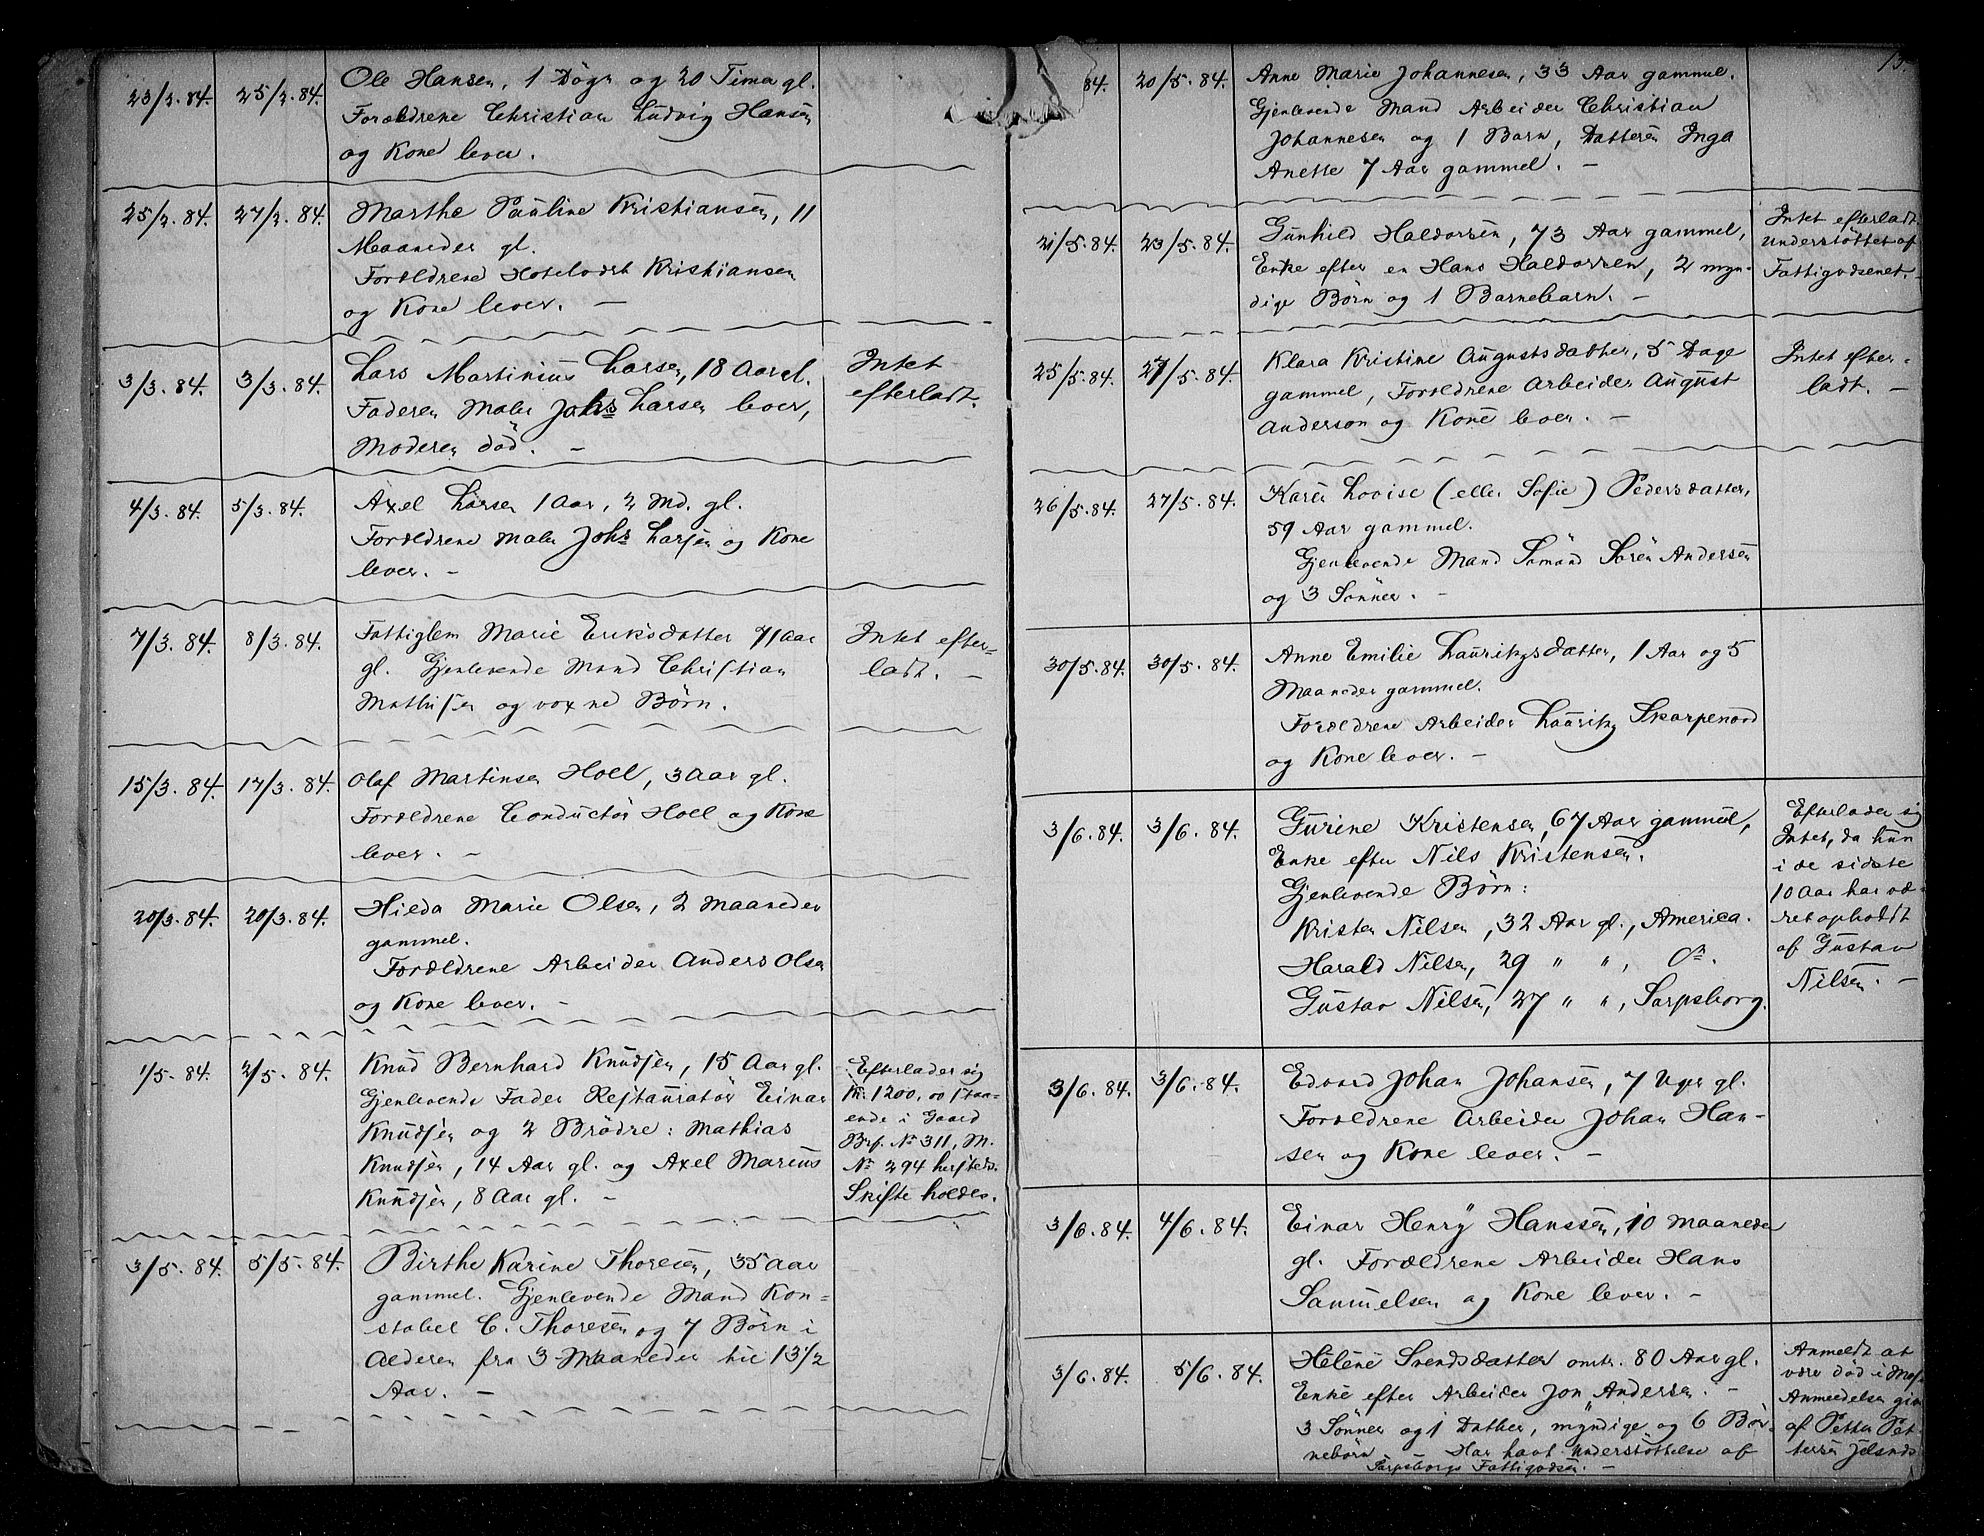 SAO, Sarpsborg byfogd, H/Ha/Haa/L0001: Dødsfallsprotokoll, 1880-1904, p. 12b-13a